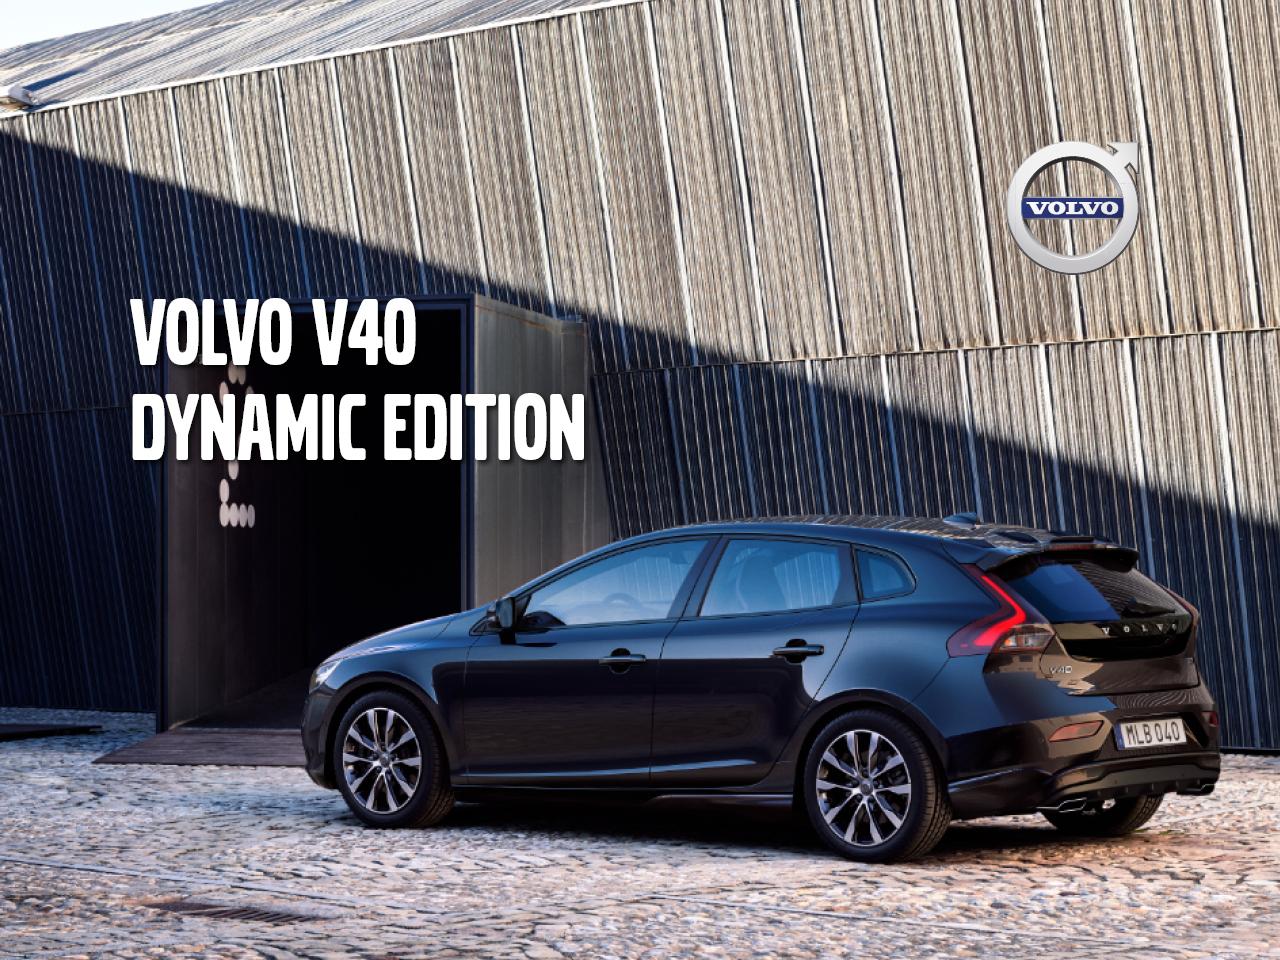 Volvo V40 Dynamic Edition - etusi 2 630 €